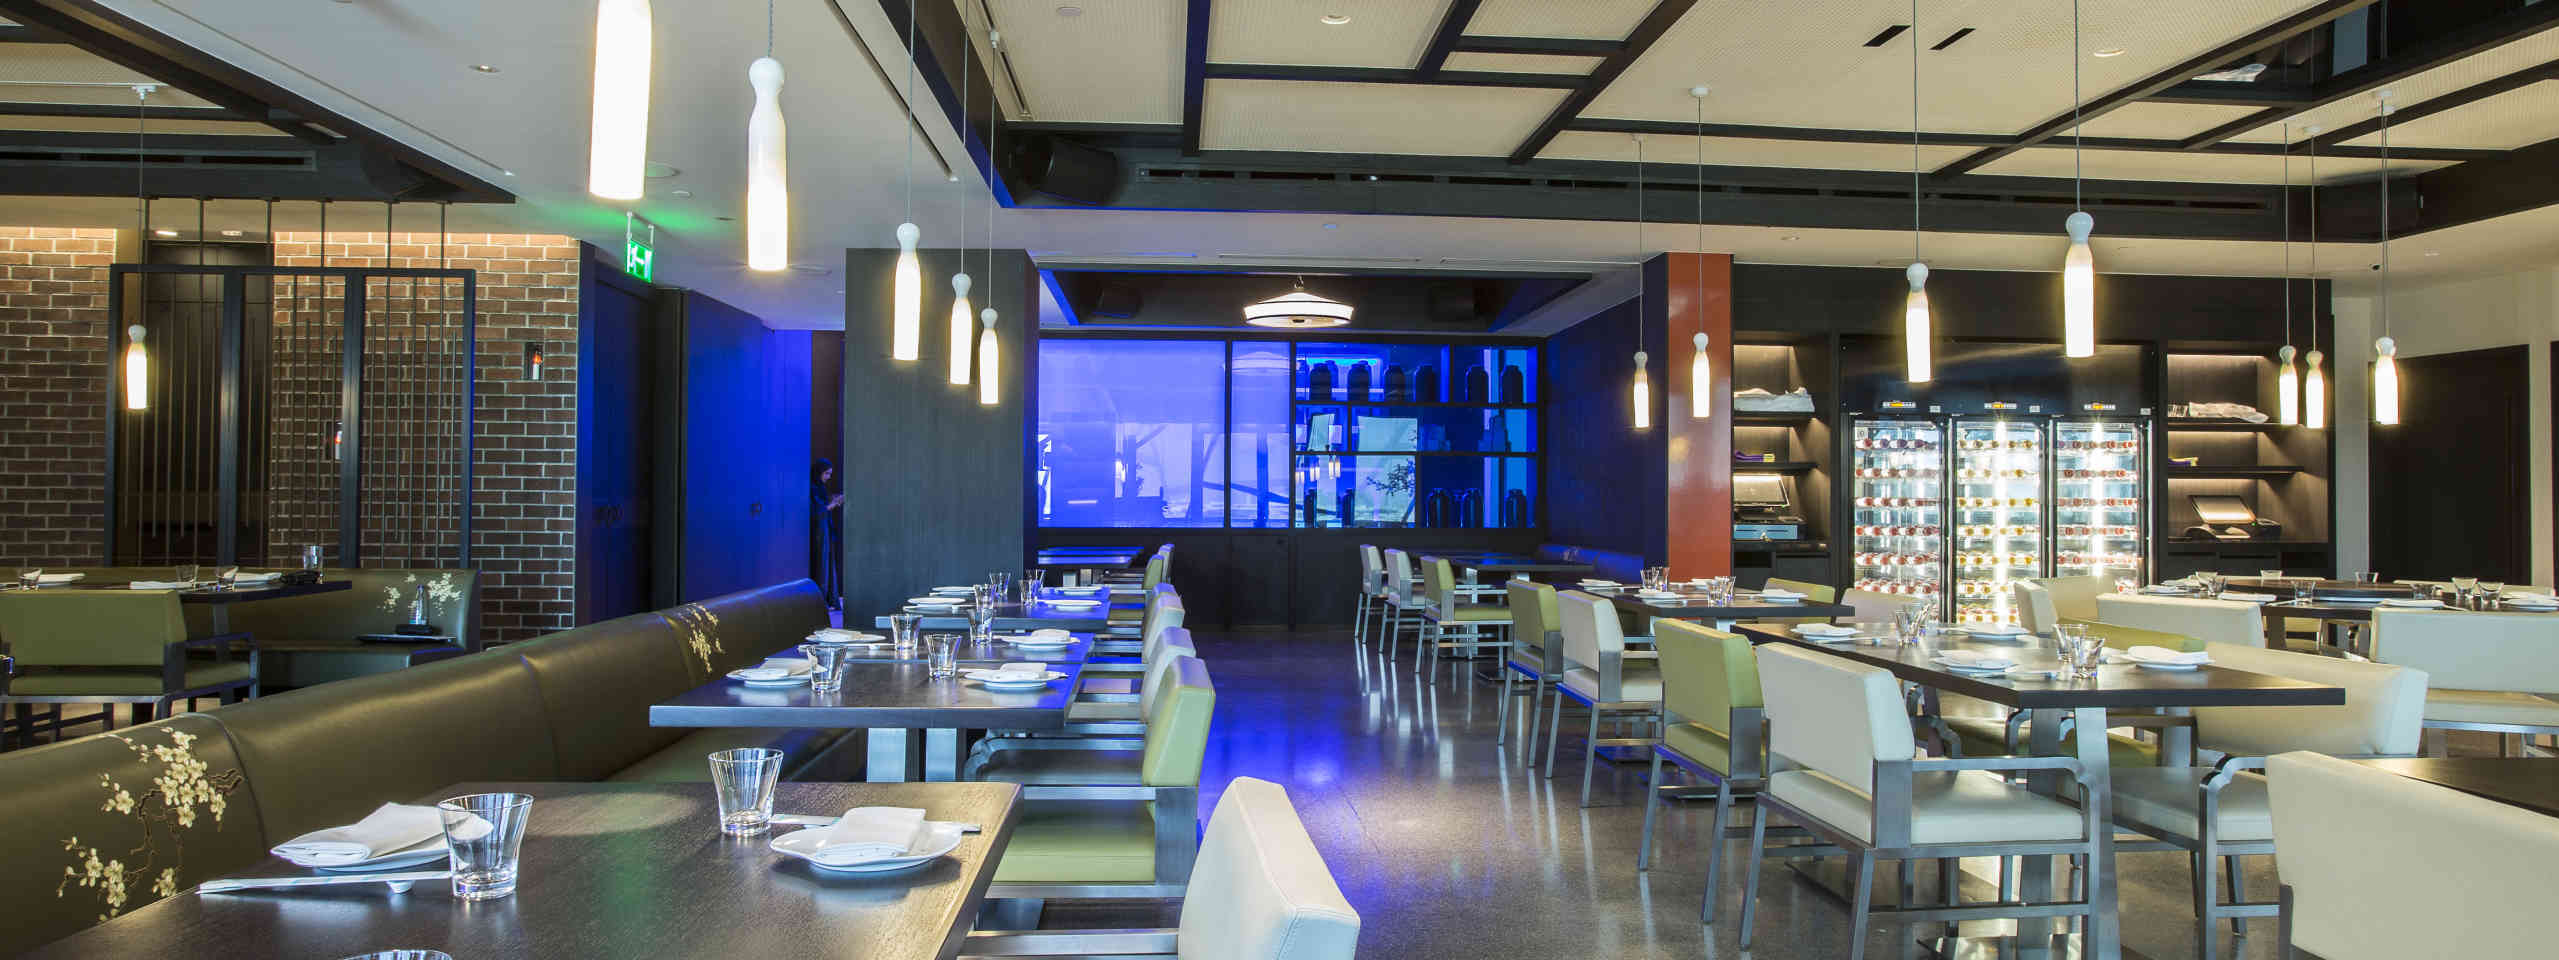 Yauatcha Riyadh Main Dining Room